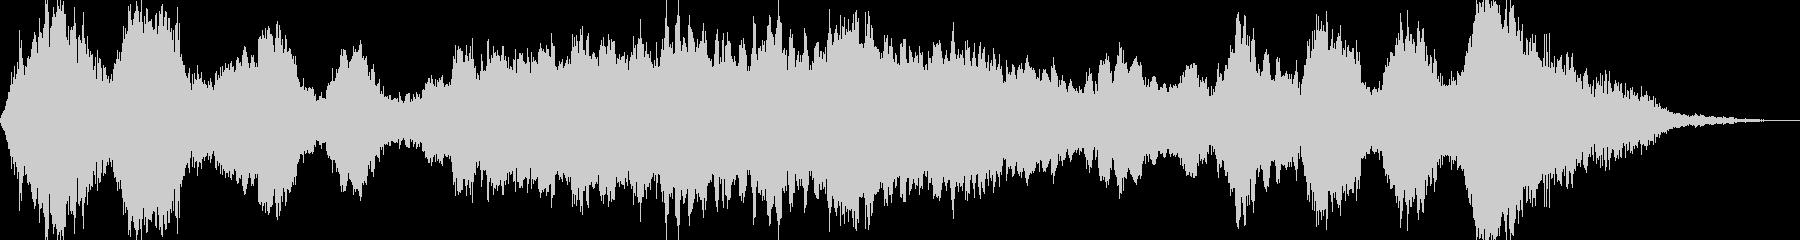 怪しくミステリアスな不協和音の未再生の波形